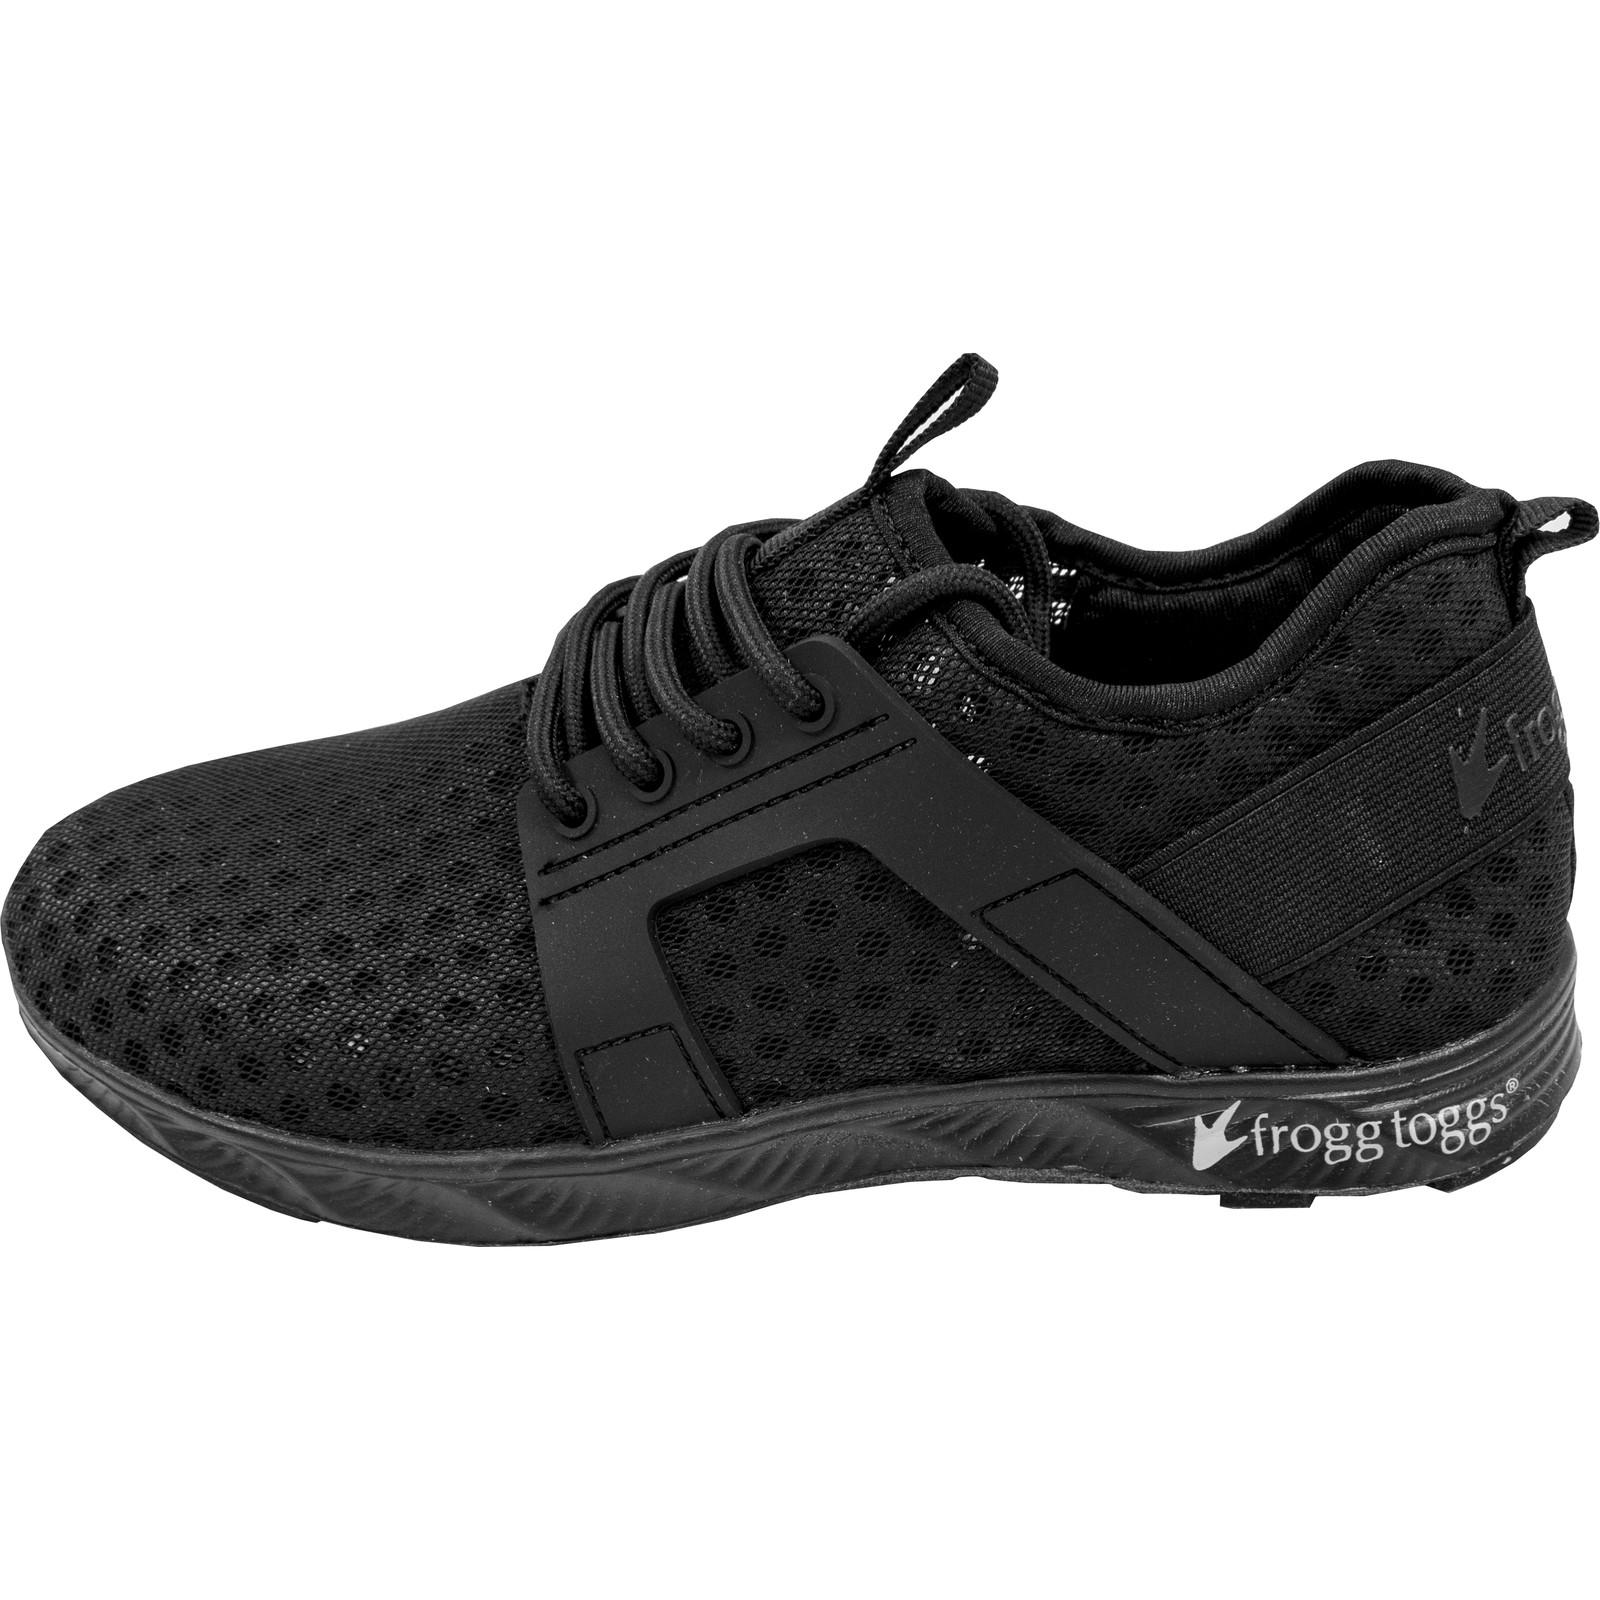 Women's Shortfin XTR Shoe-large